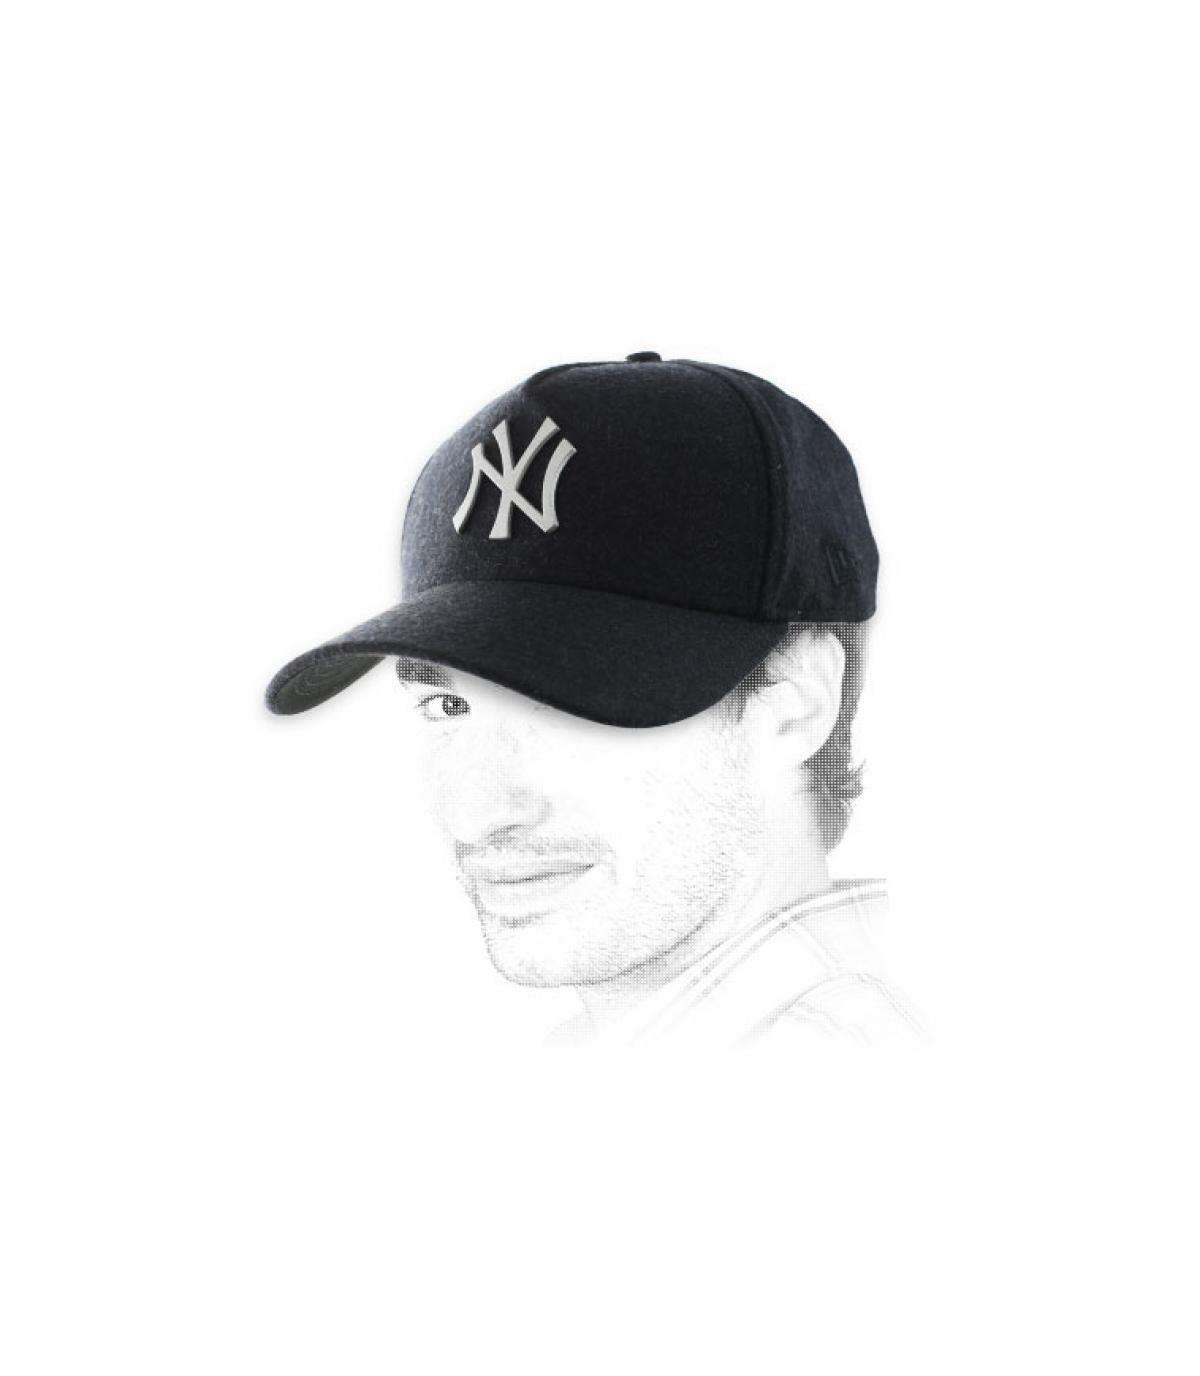 Nero logo in metallo cappello NY